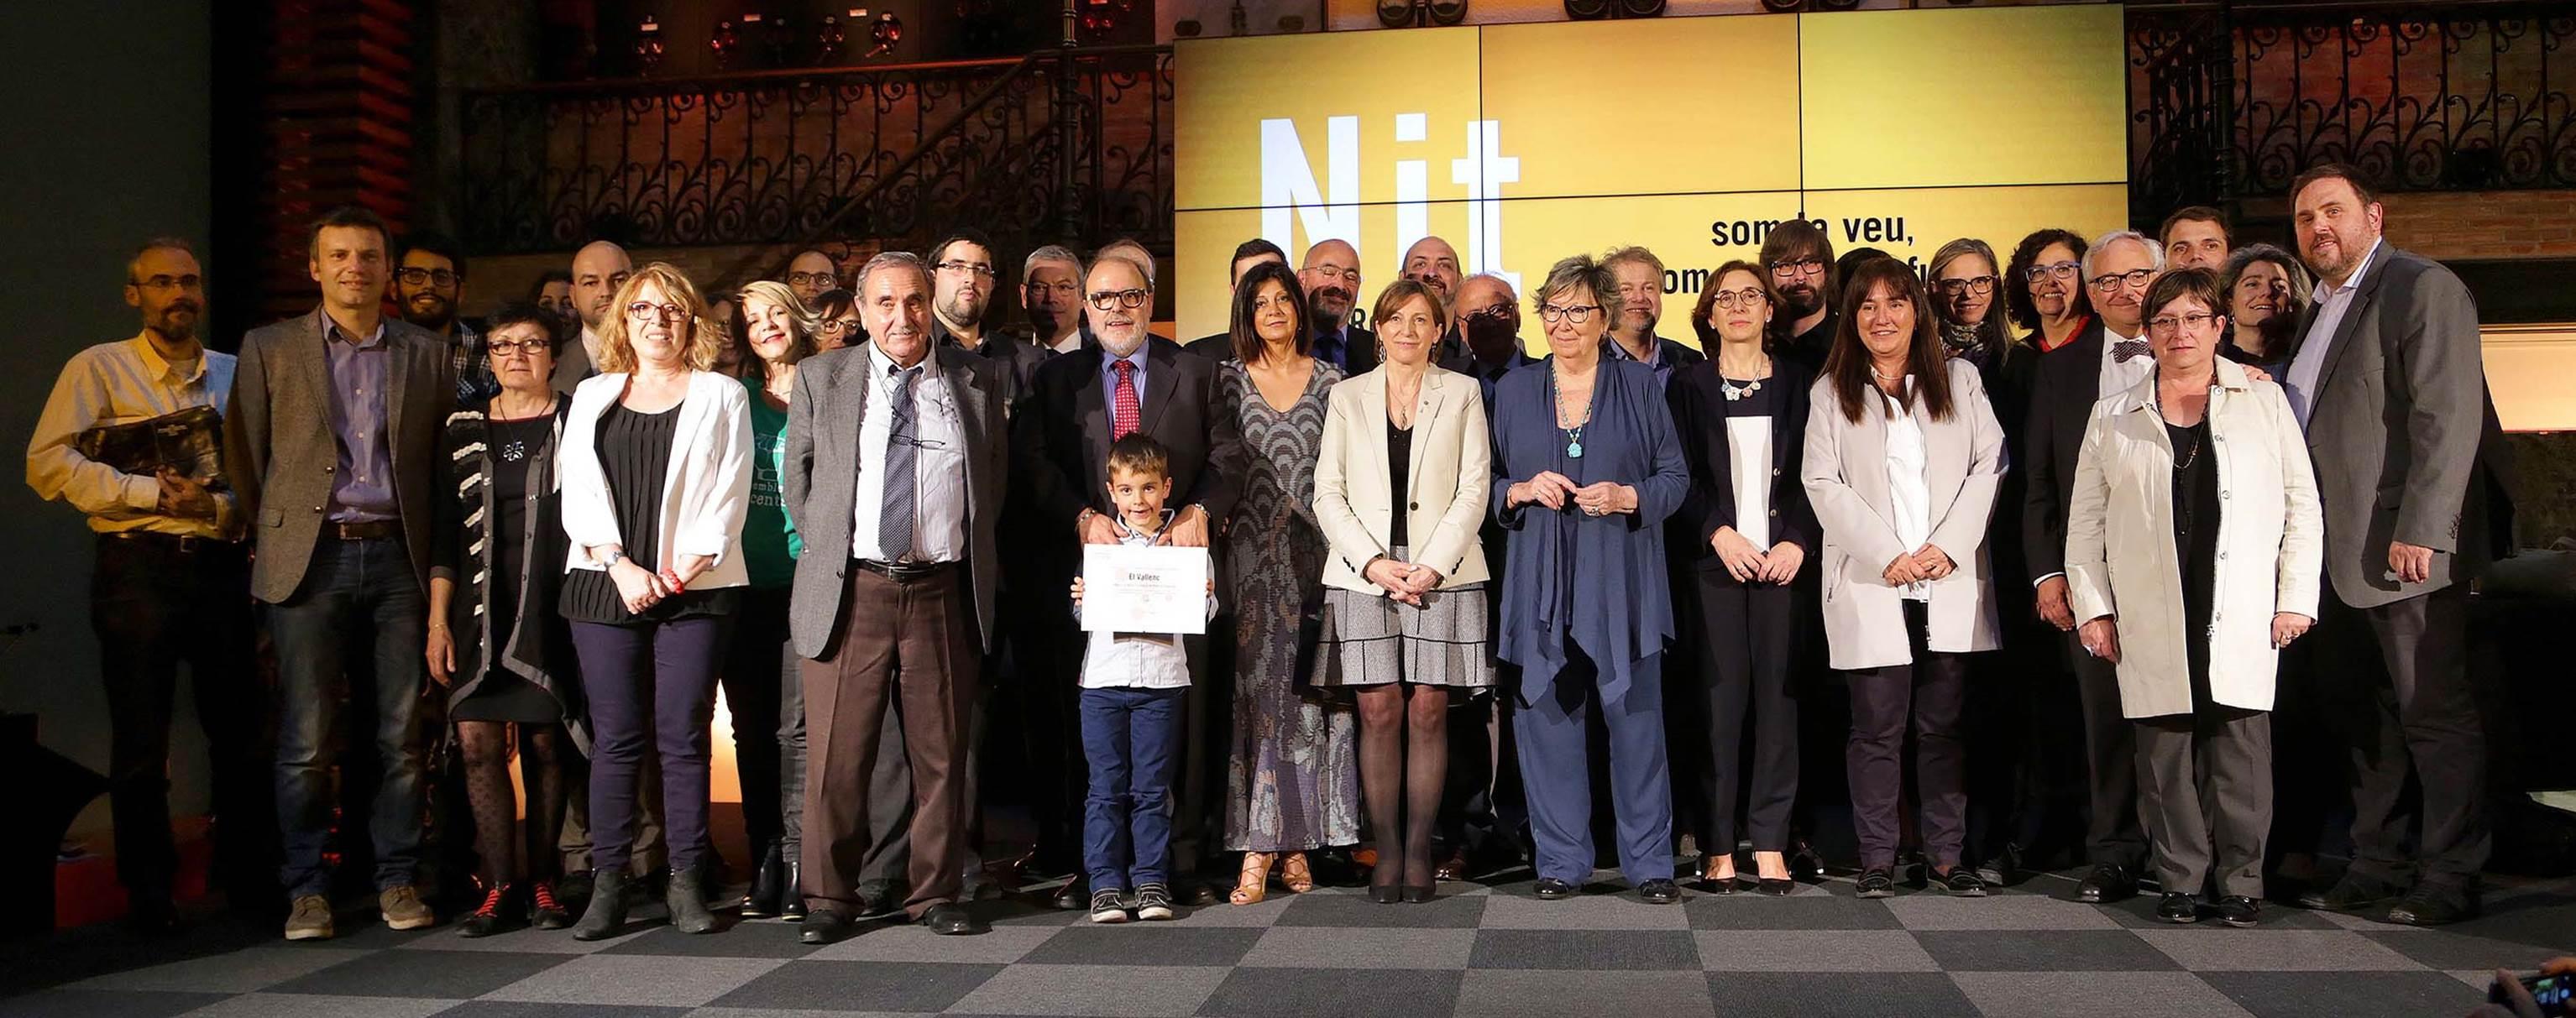 'El Vallenc', millor publicació de premsa comarcal de l'any